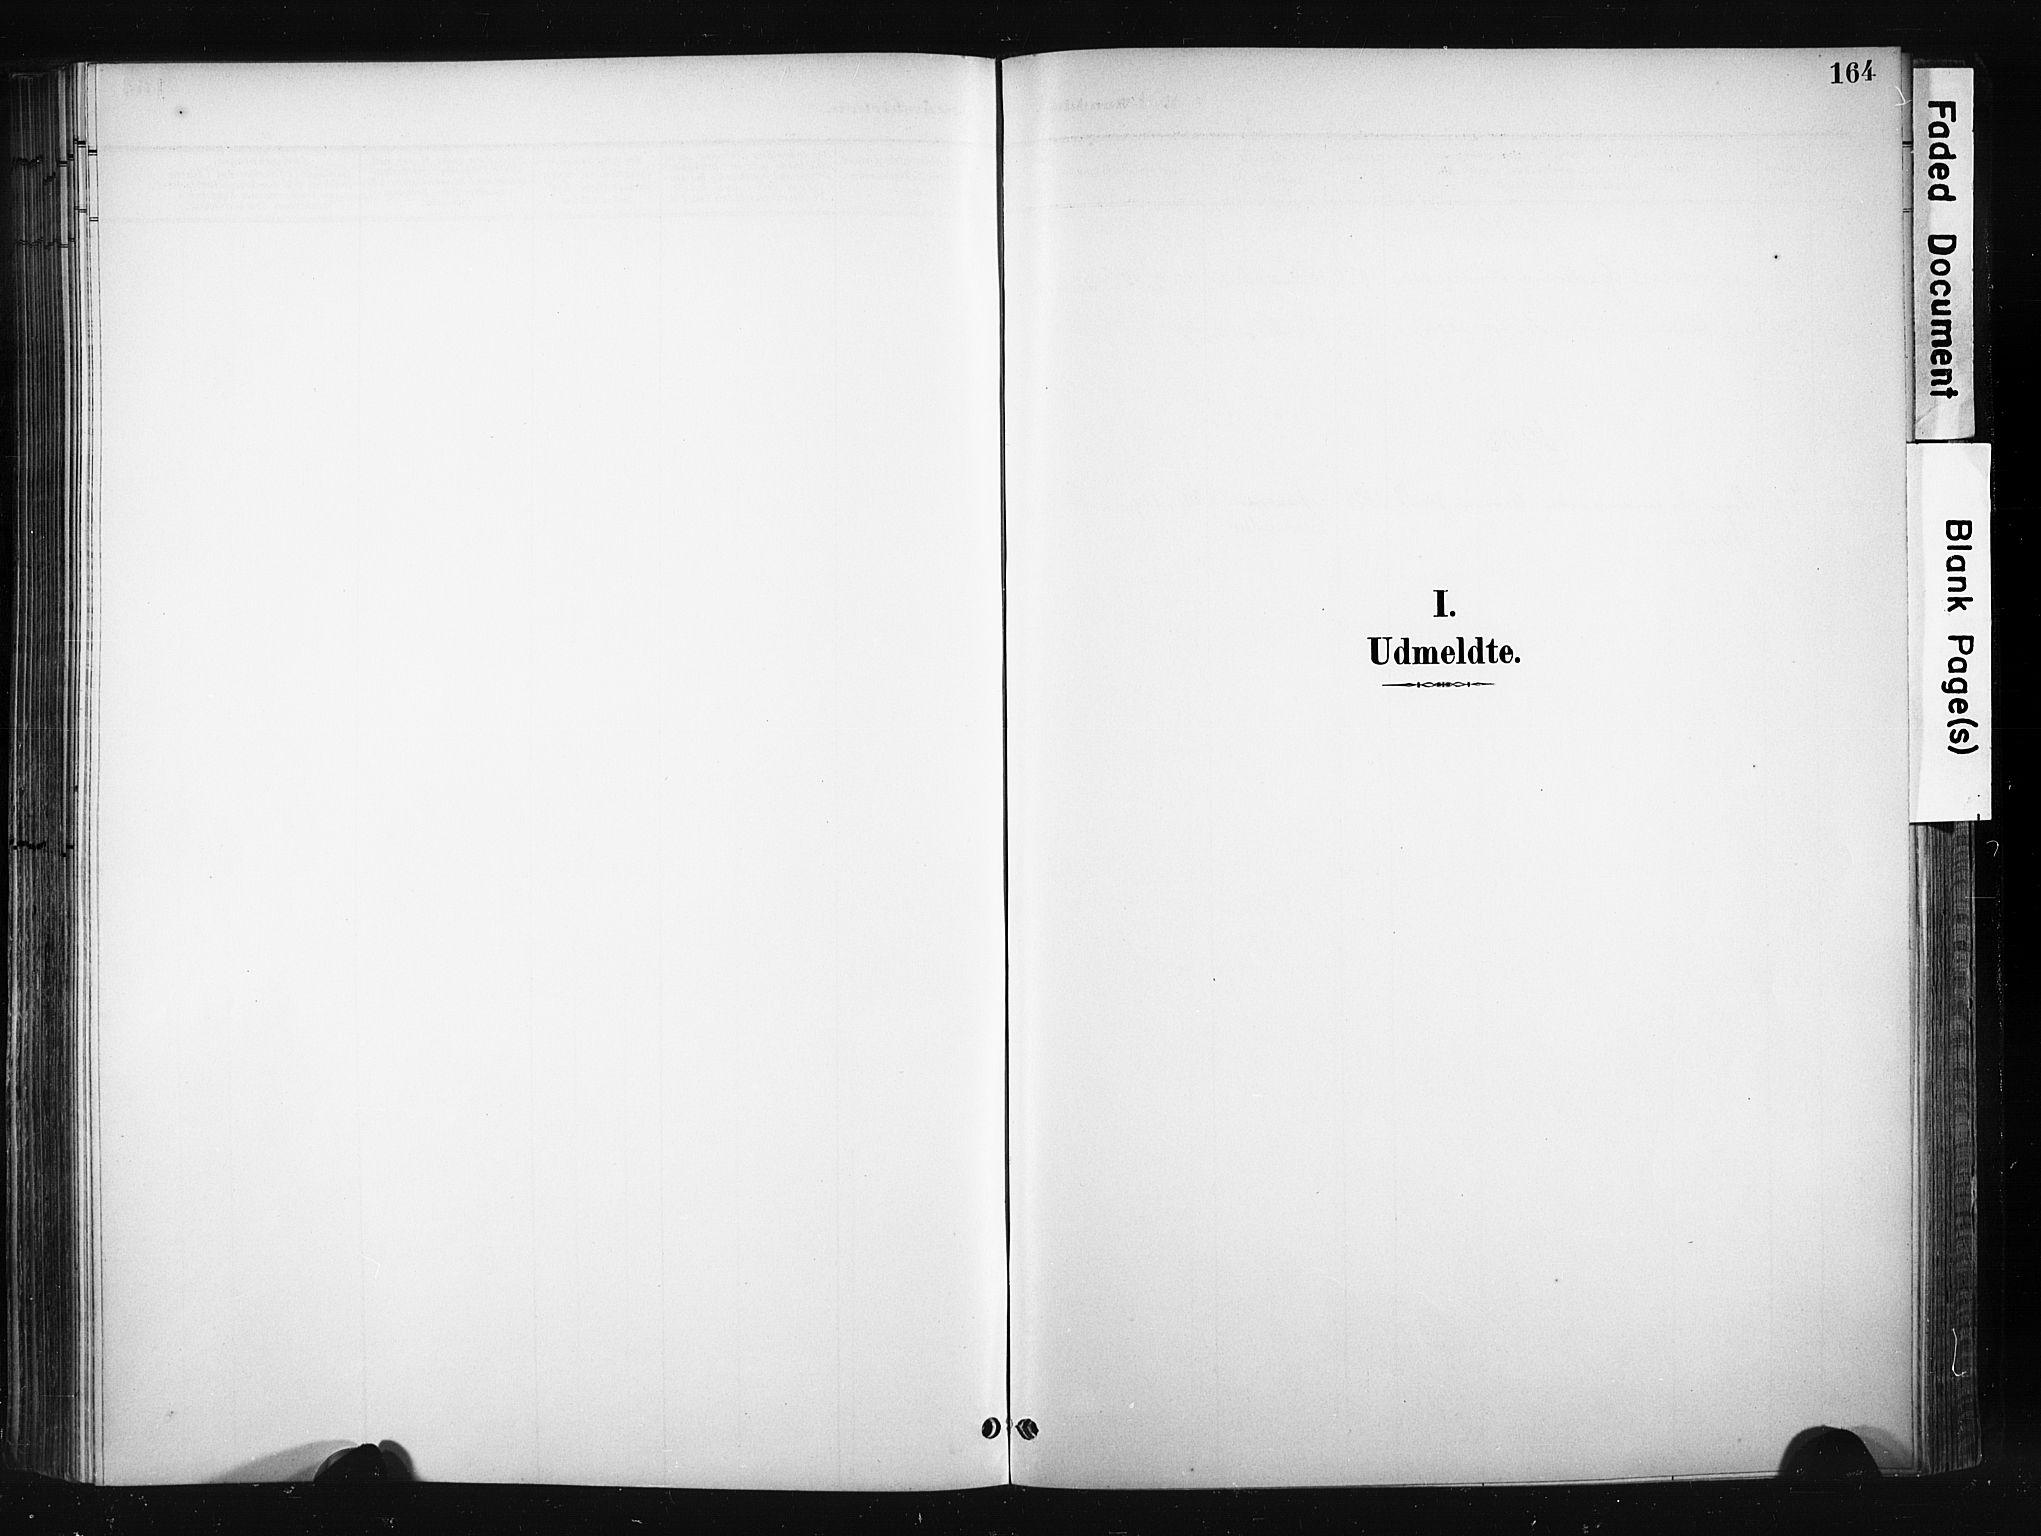 SAH, Søndre Land prestekontor, K/L0004: Ministerialbok nr. 4, 1895-1904, s. 164